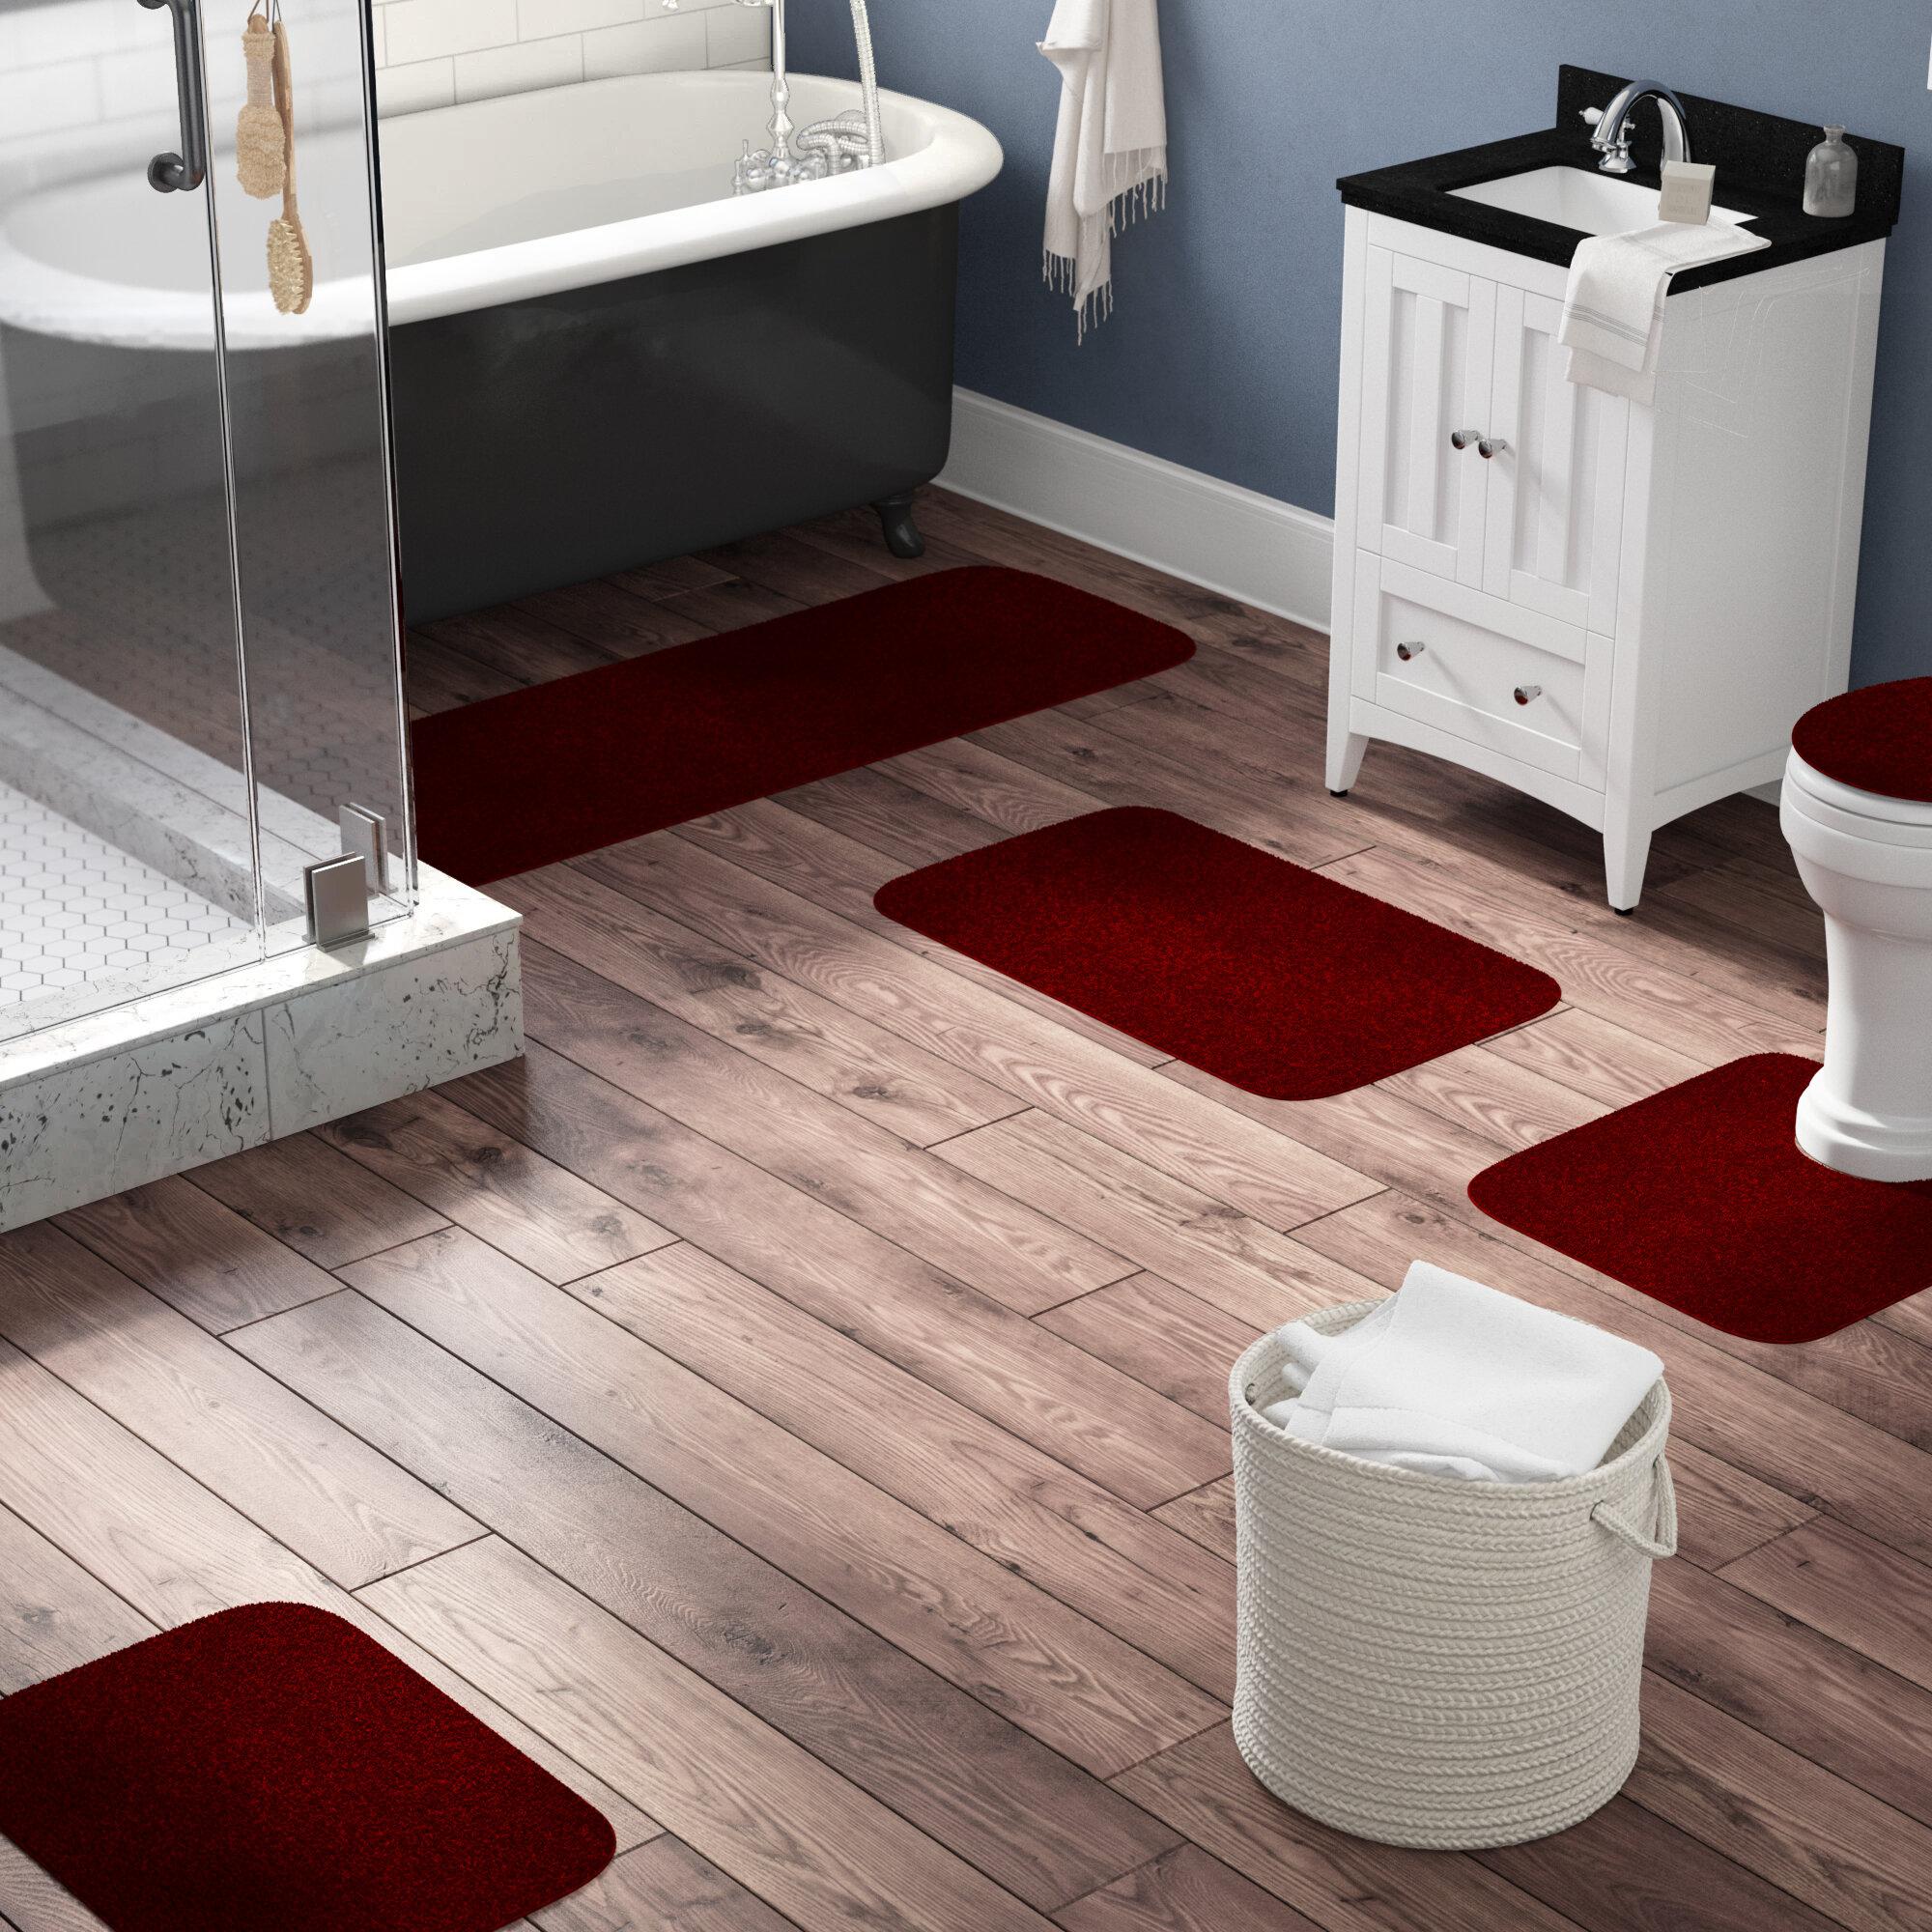 Bathroom Rugs And Mats | Wayfair